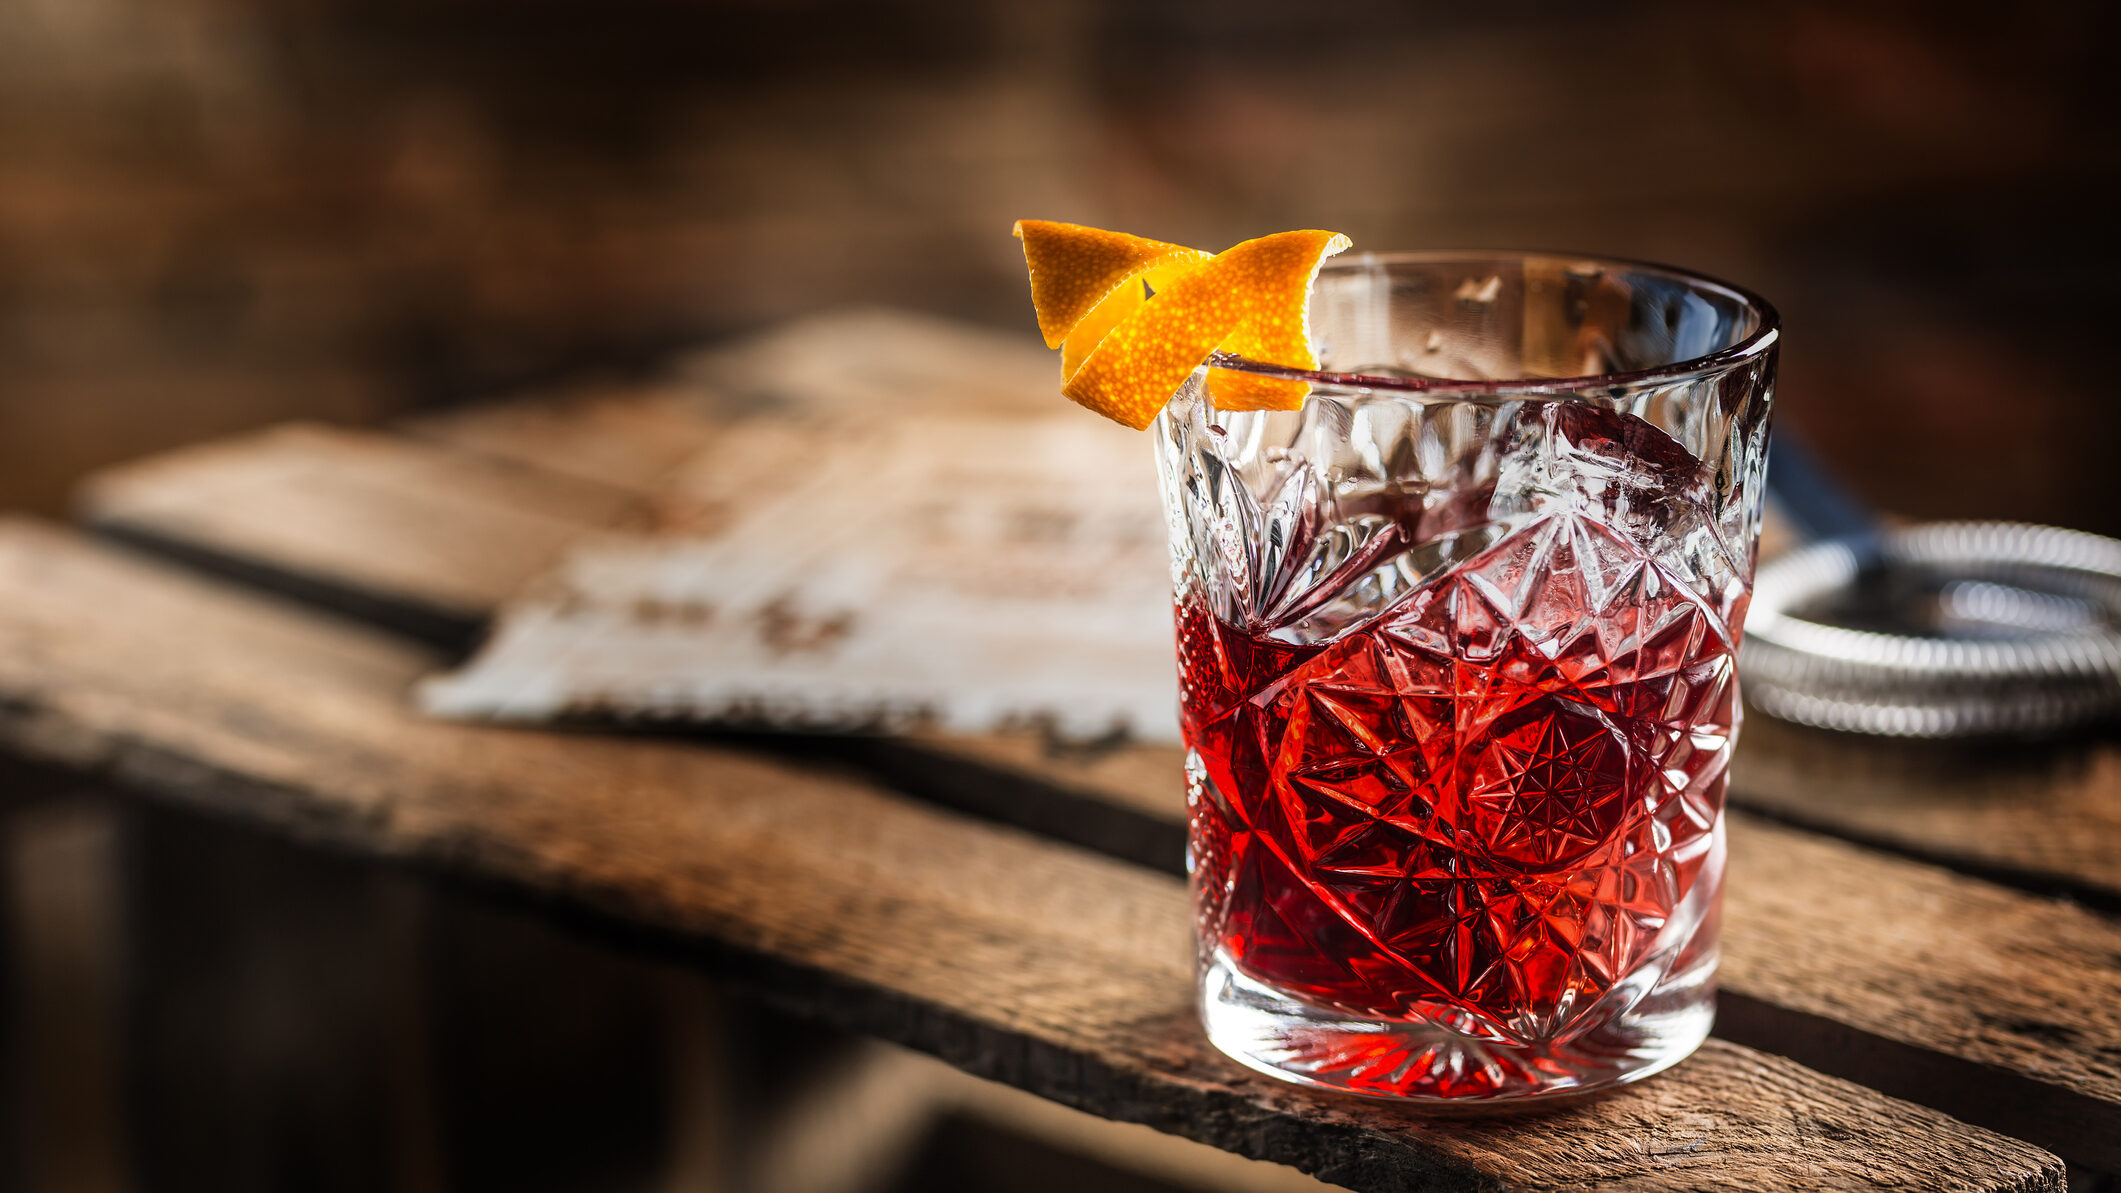 Ein Tumbler-Glas gefüllt mit Negroni und dekoriert mit Orangenschale steht auf einer Weinkiste aus Holz.